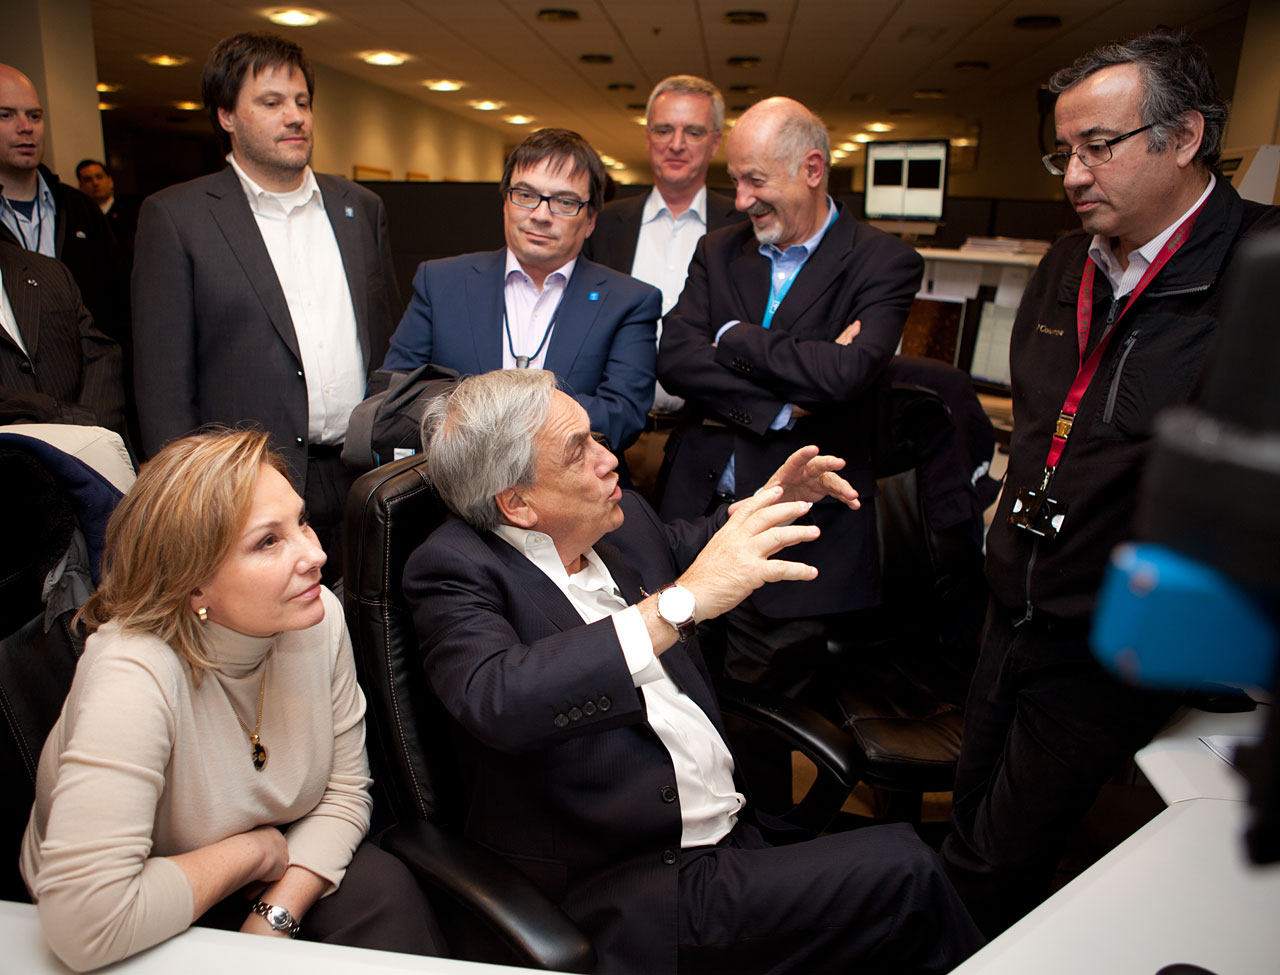 El Presidente de Chile, Sebastián Piñera y su esposa, Cecilia Morel, en la sala de control del Observatorio Paranal